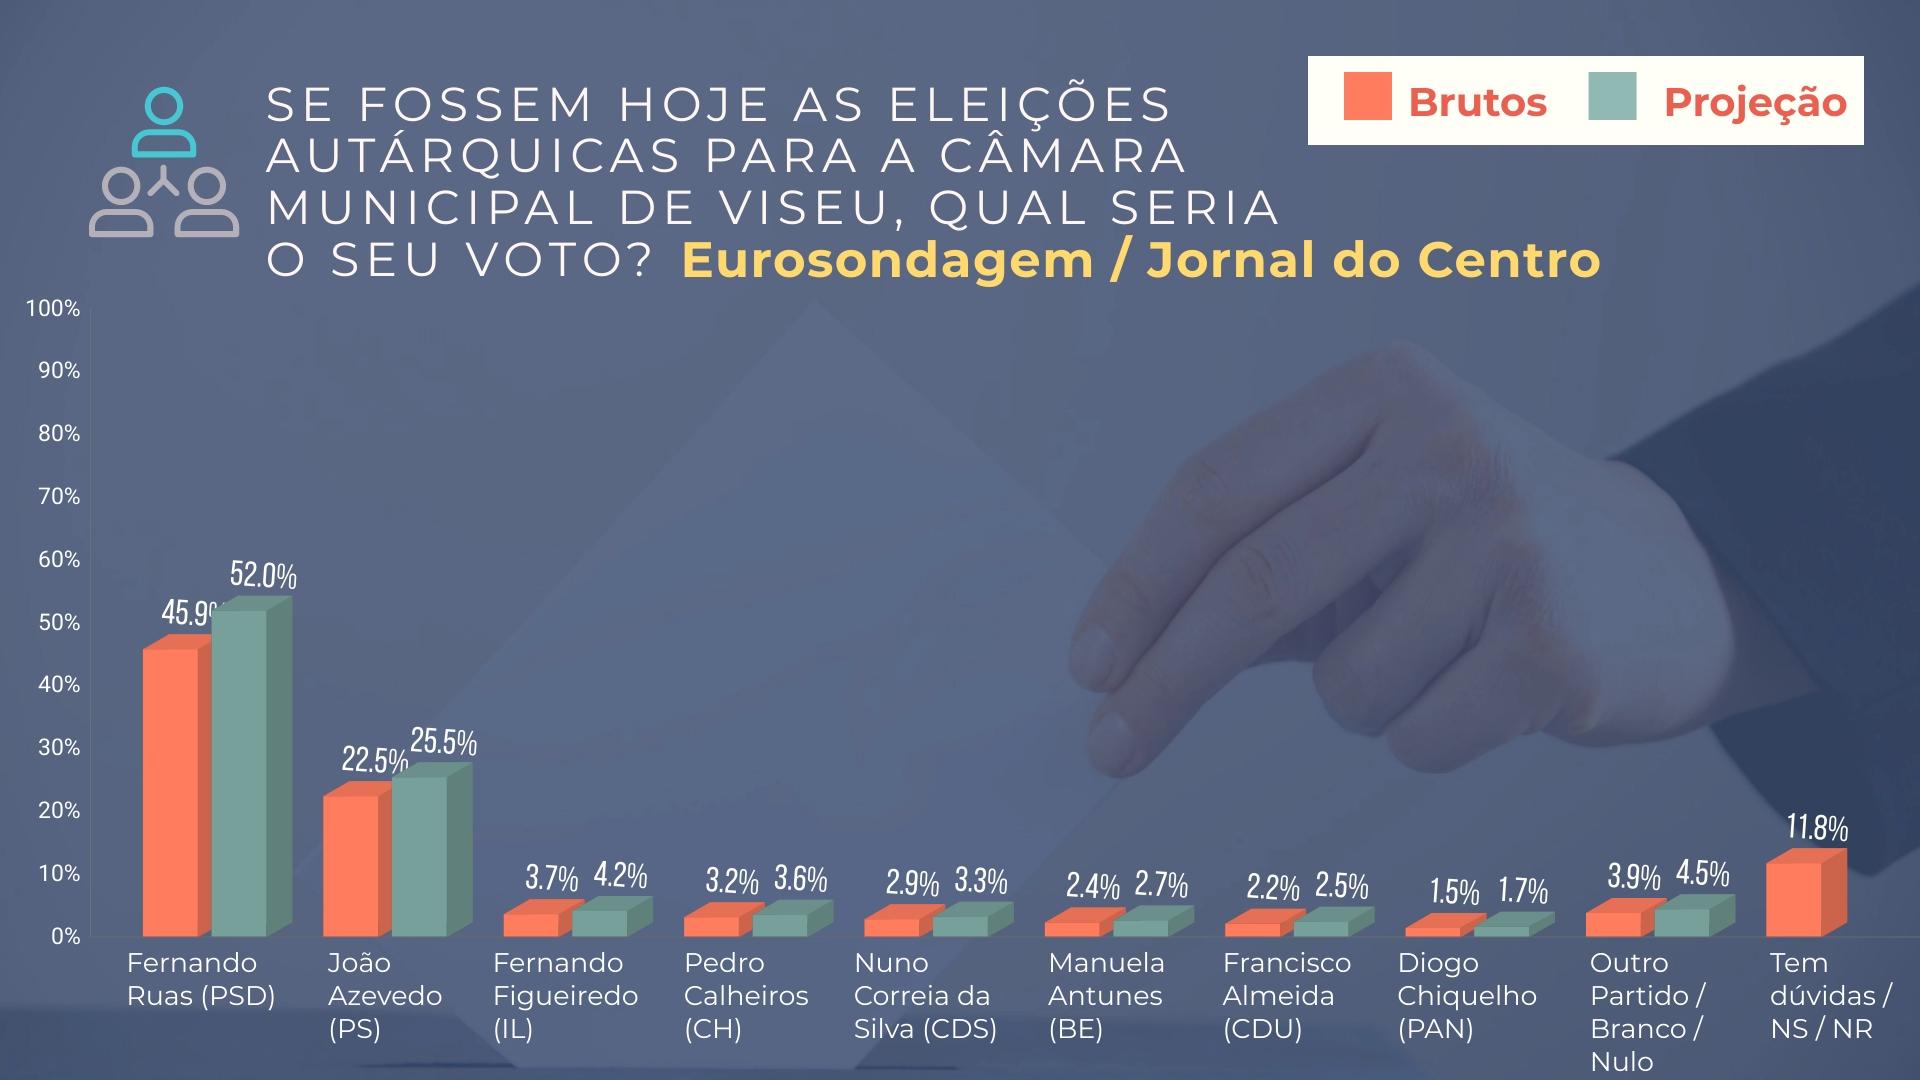 Gráficos das sondagens Autárquicas 2021